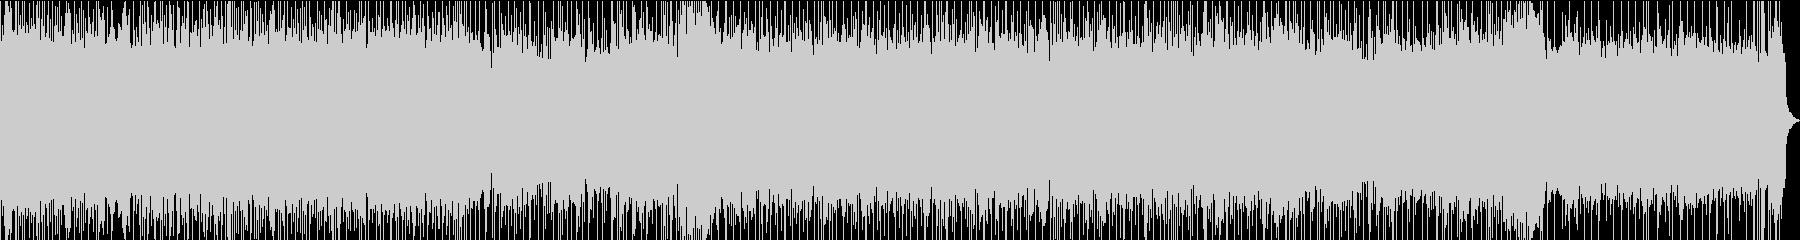 パンクロック風のインストゥルメンタルの未再生の波形